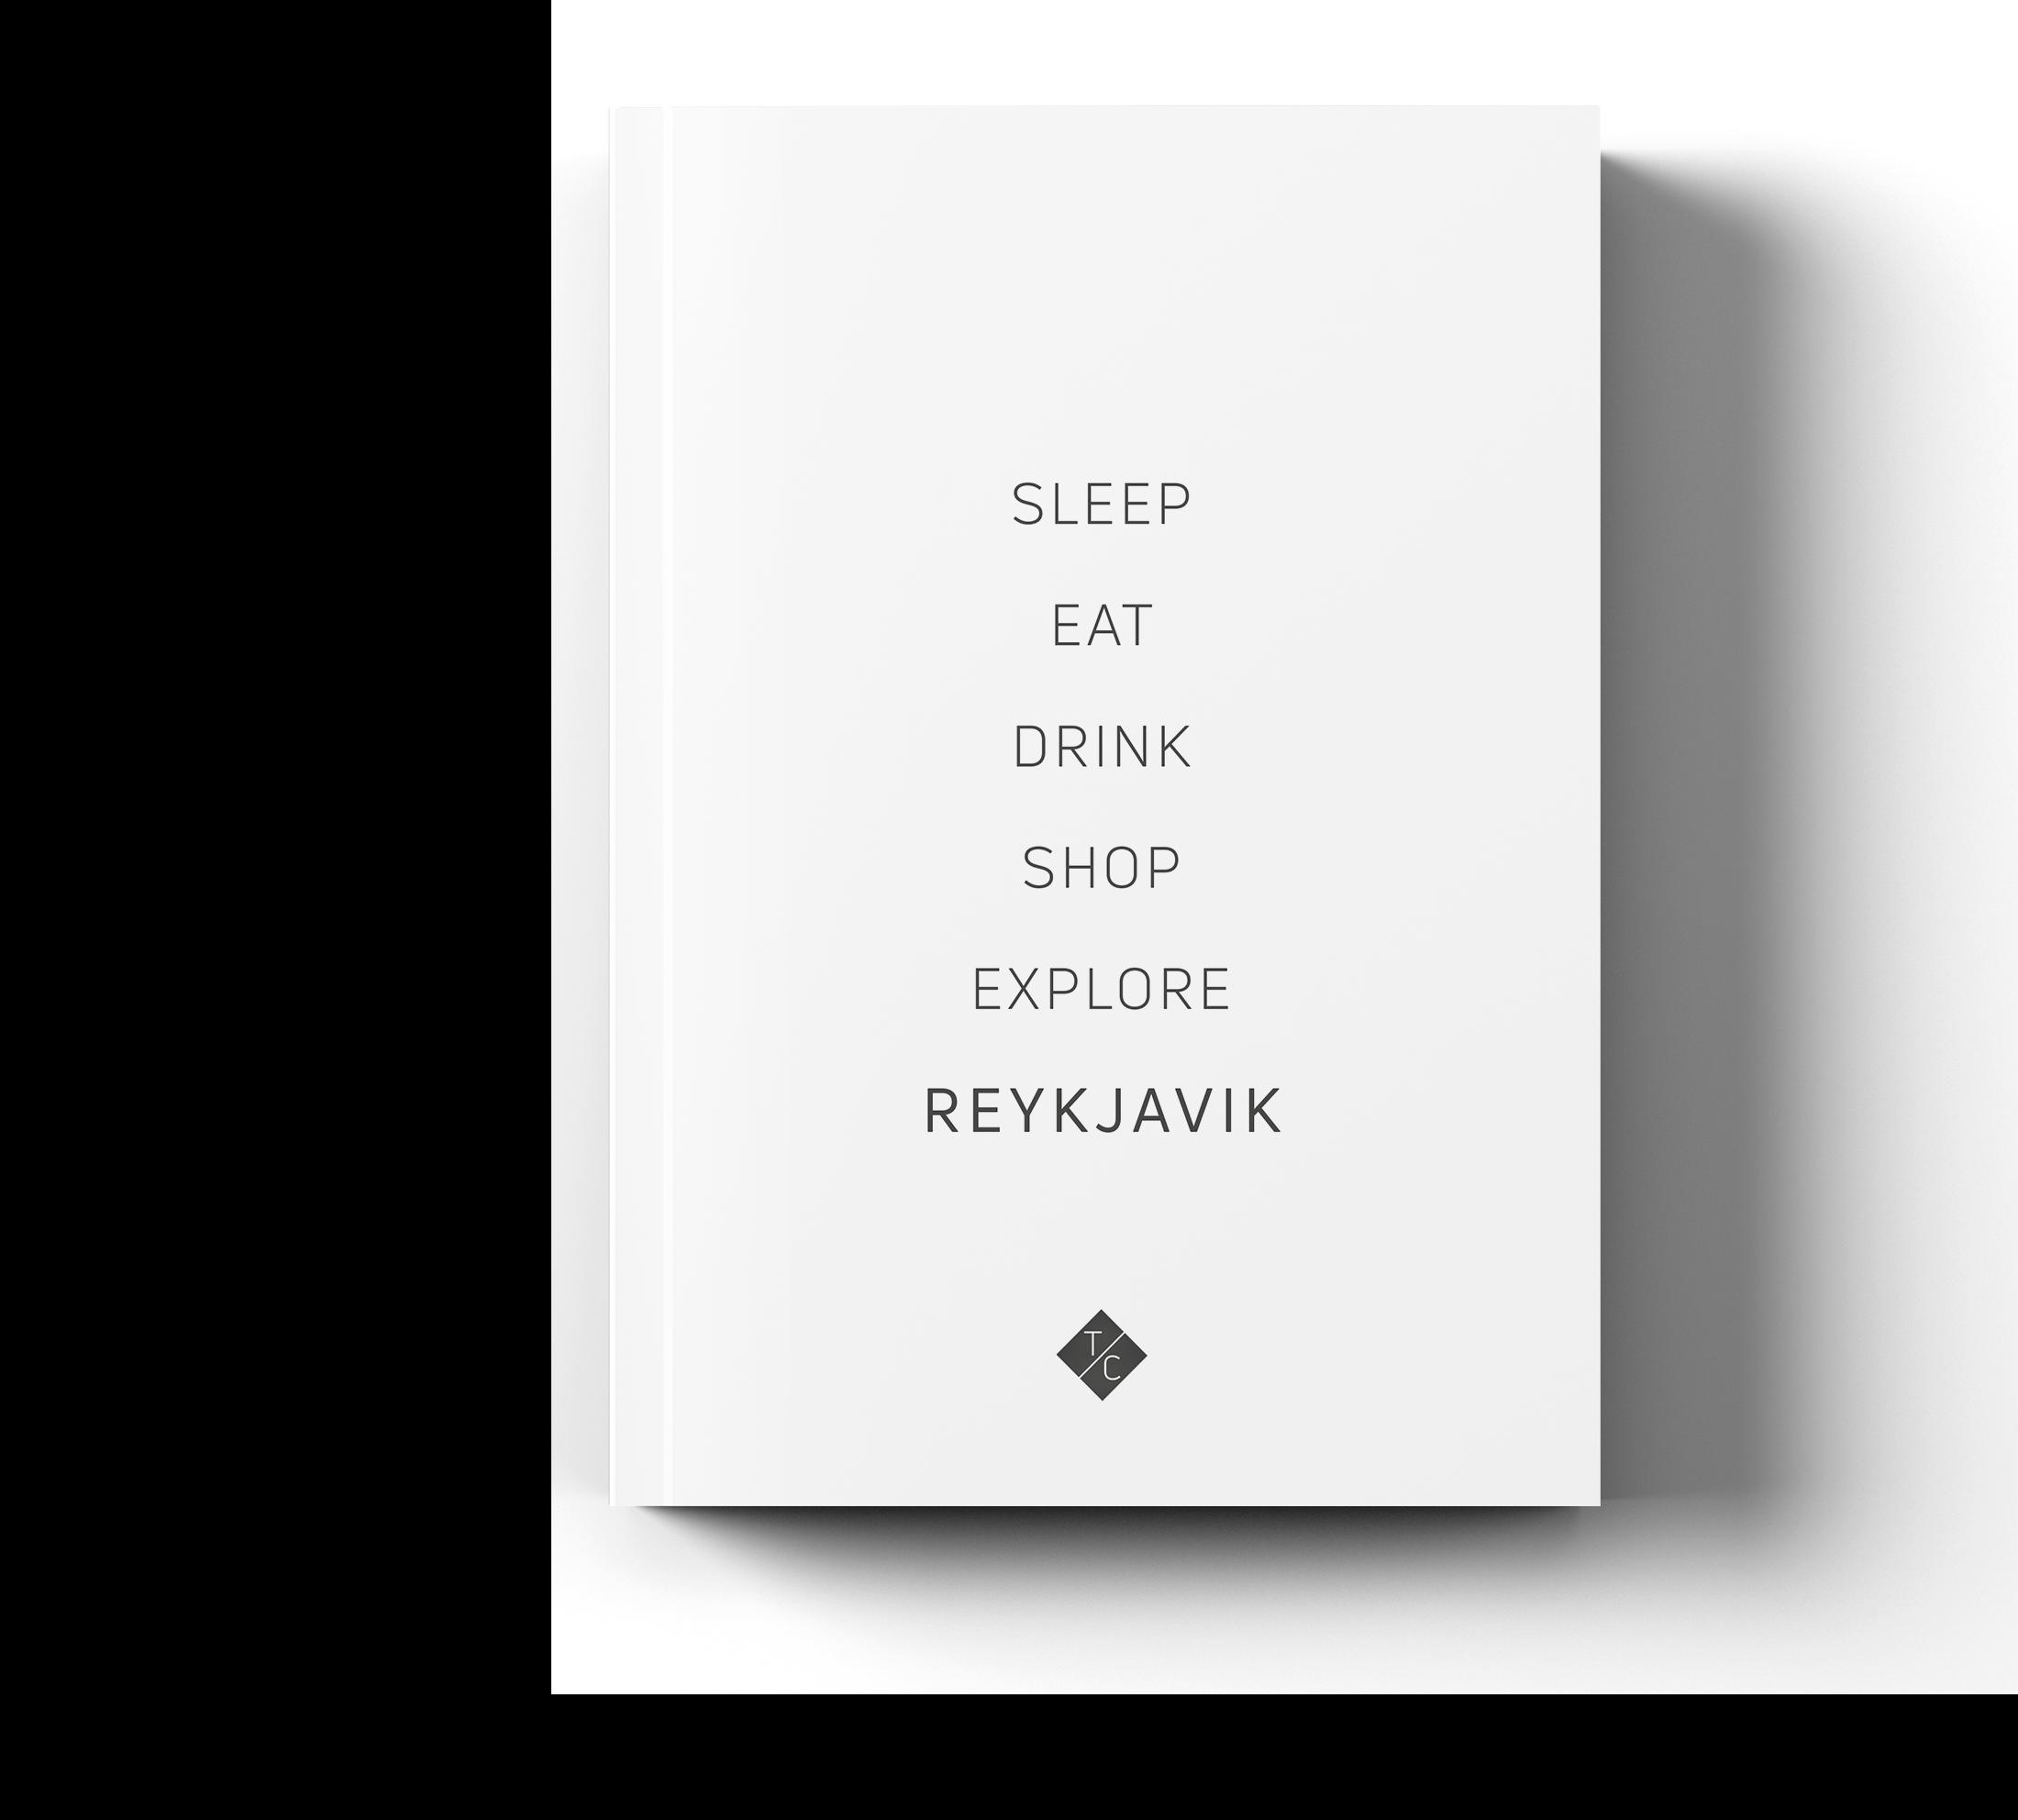 Frontalansicht_Reykjavik